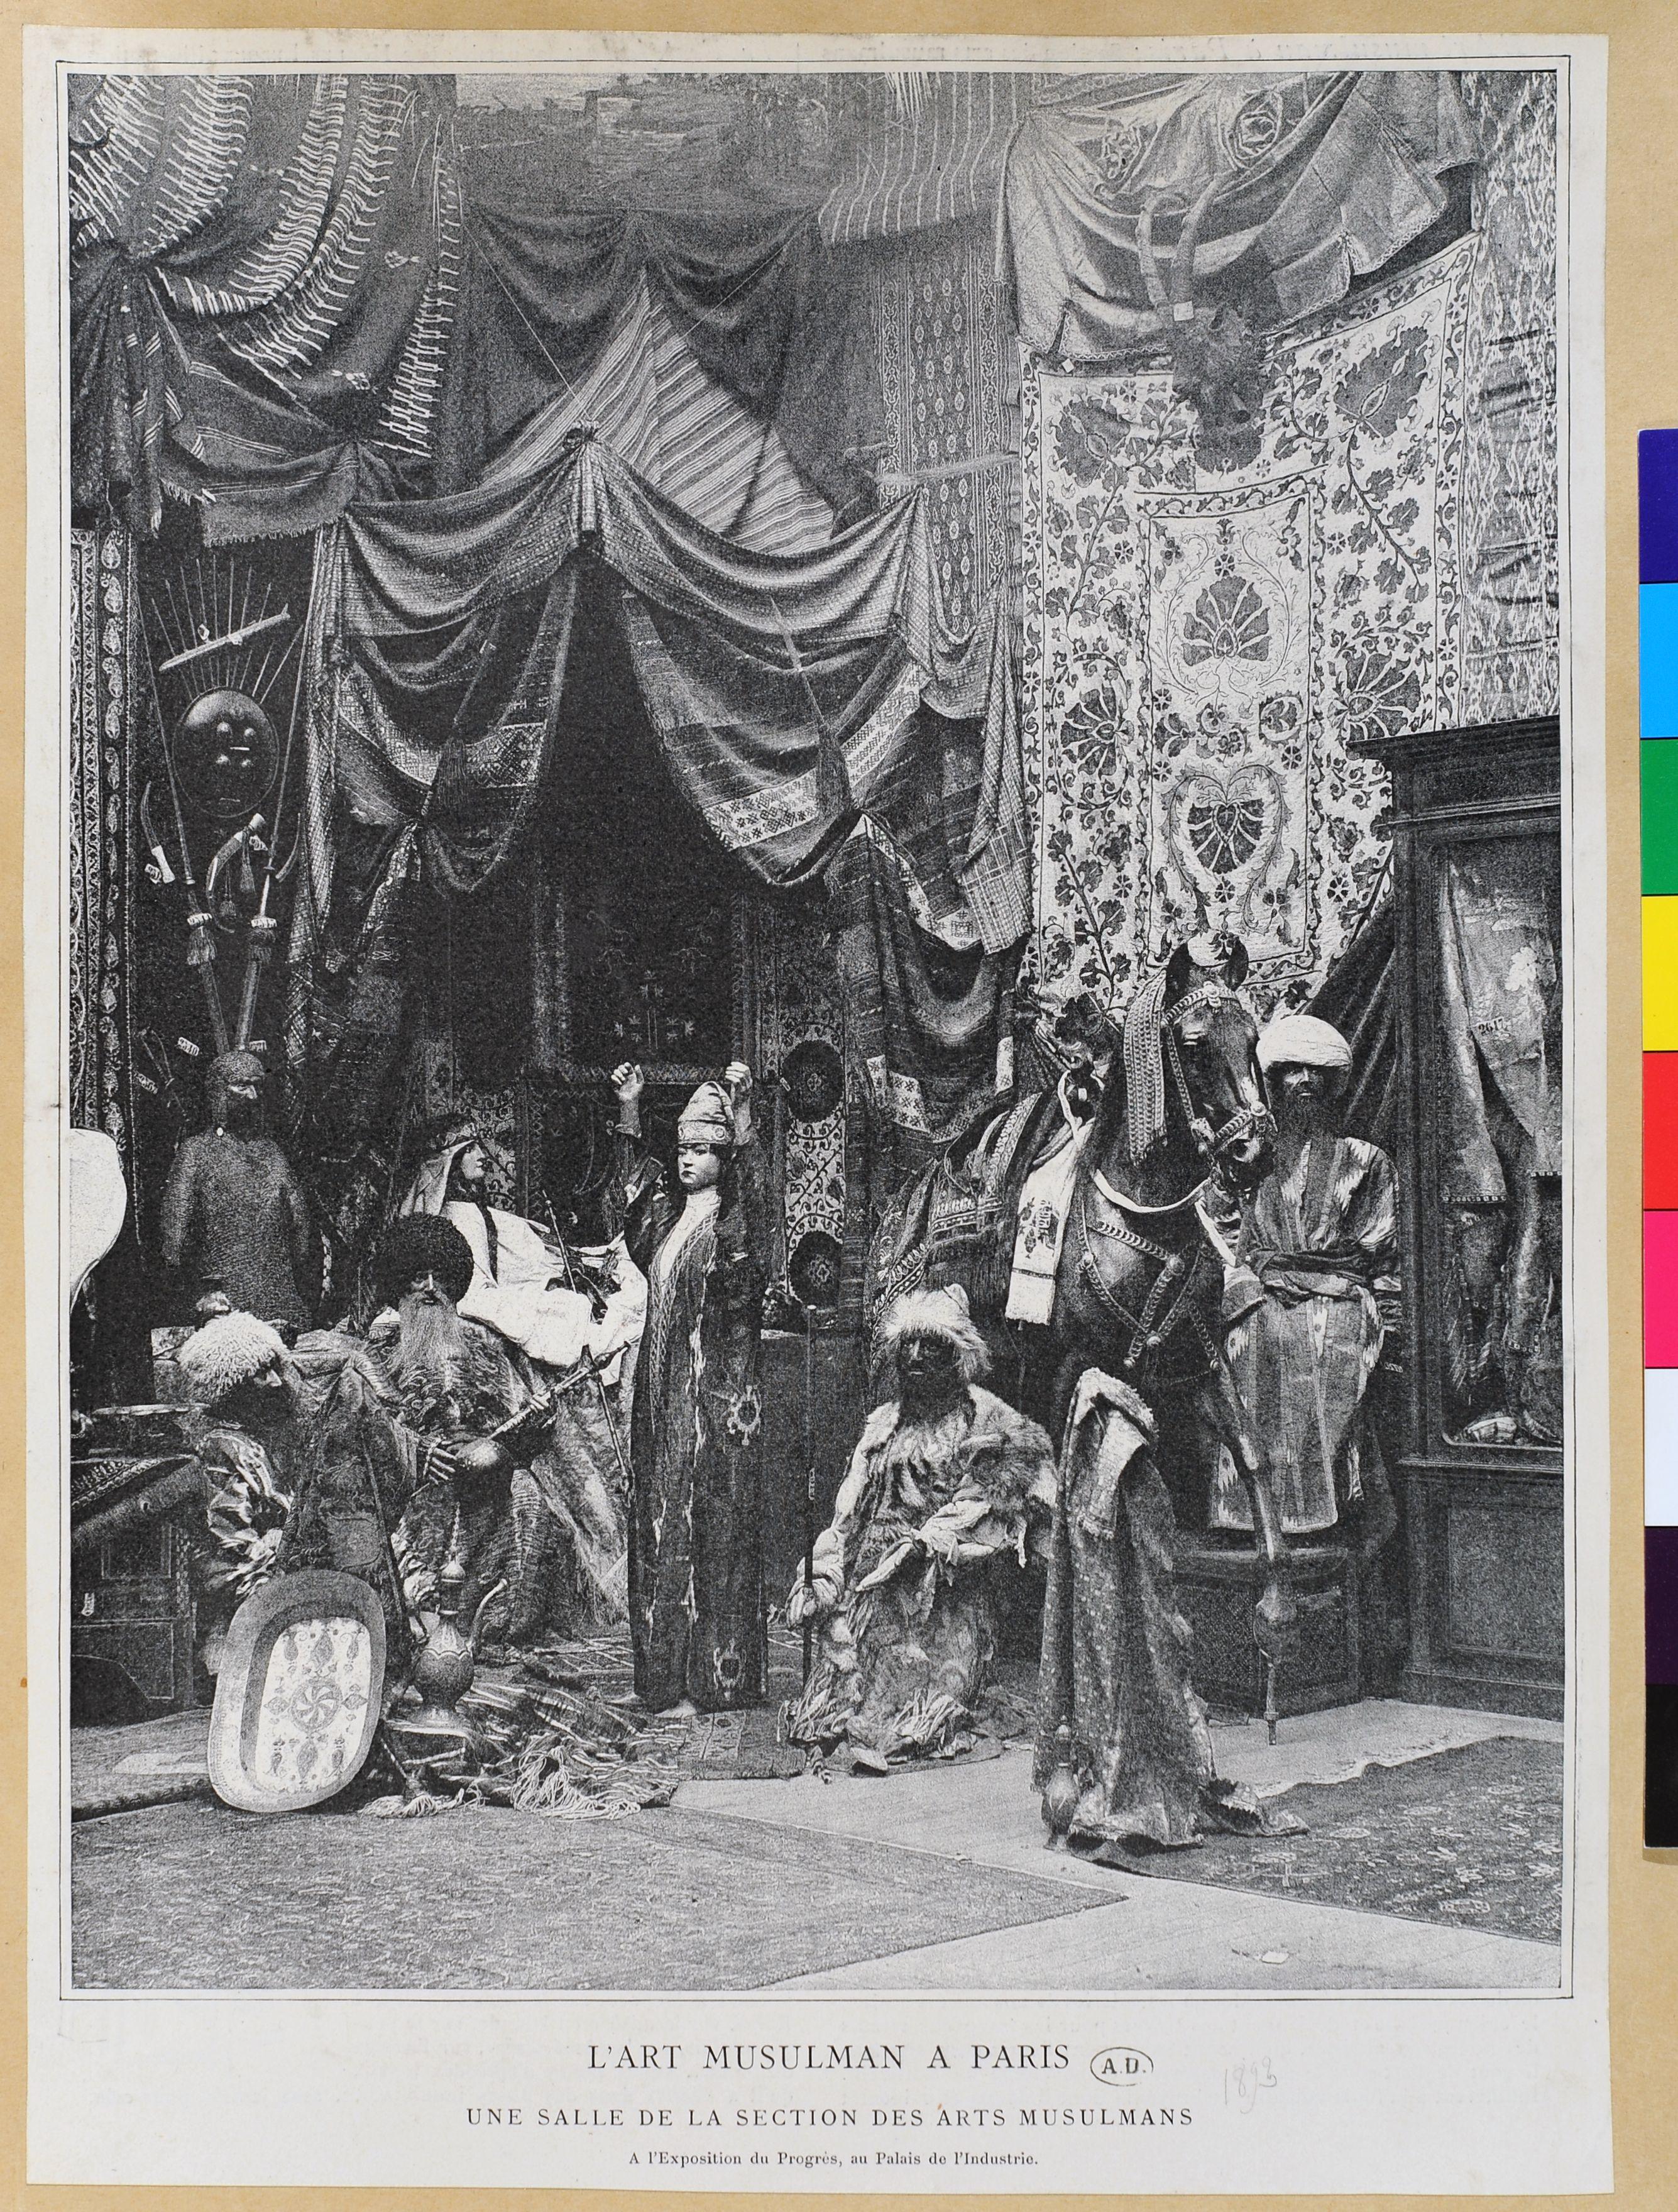 Vue intérieure de l'Exposition d'art musulman (commissaire Georges Marye), Paris, Palais de l'industrie, 1893.